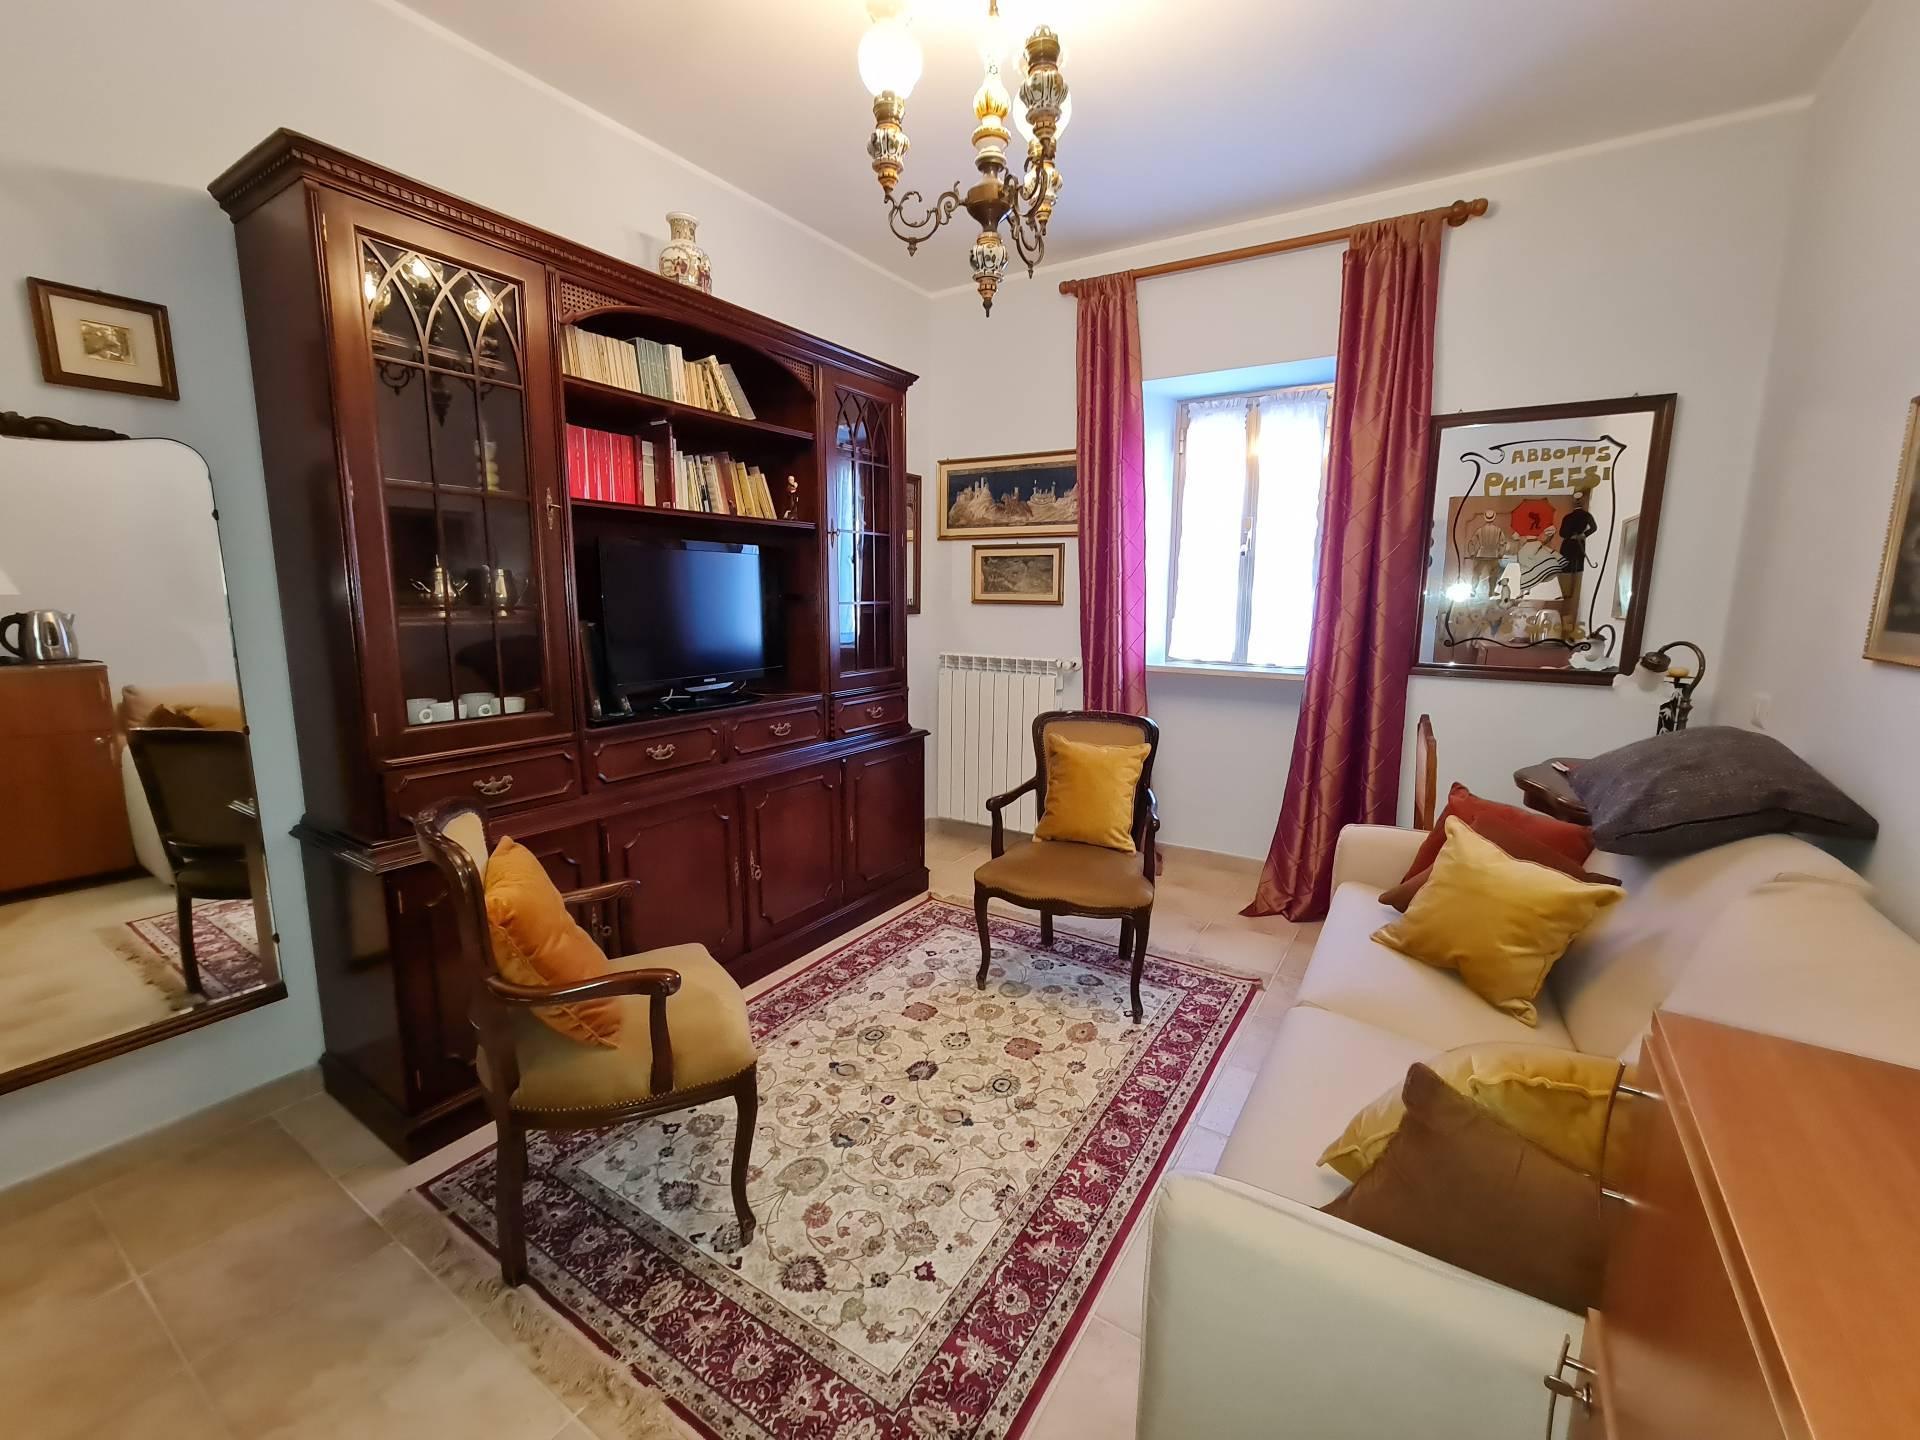 Casa a Petritoli (Fermo)